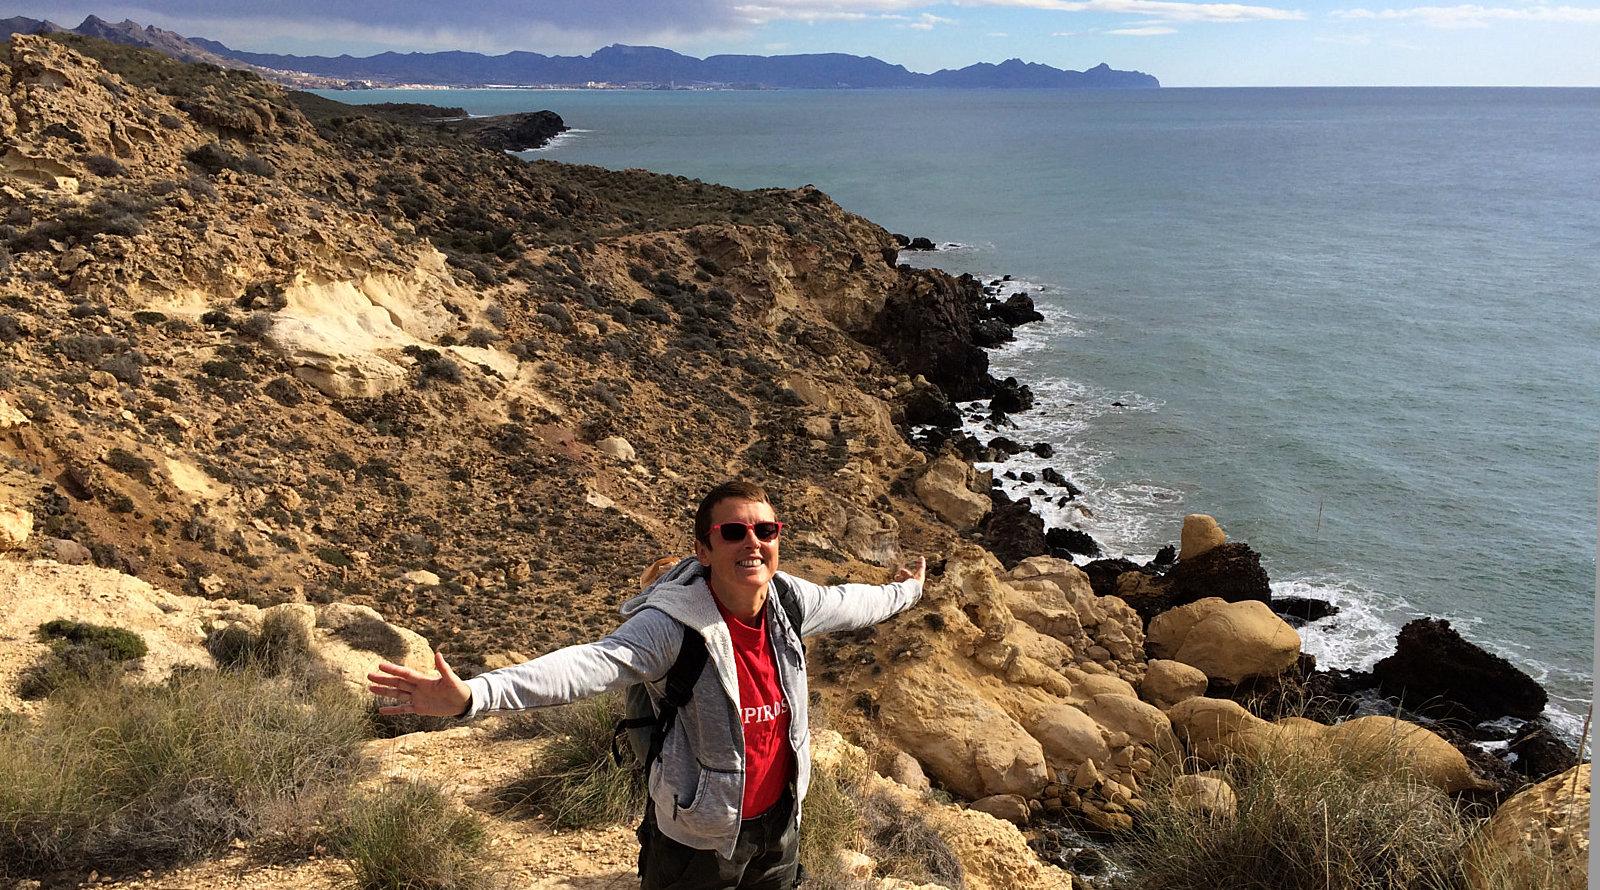 Escursione con Amelie lungo la costa di Calnegre